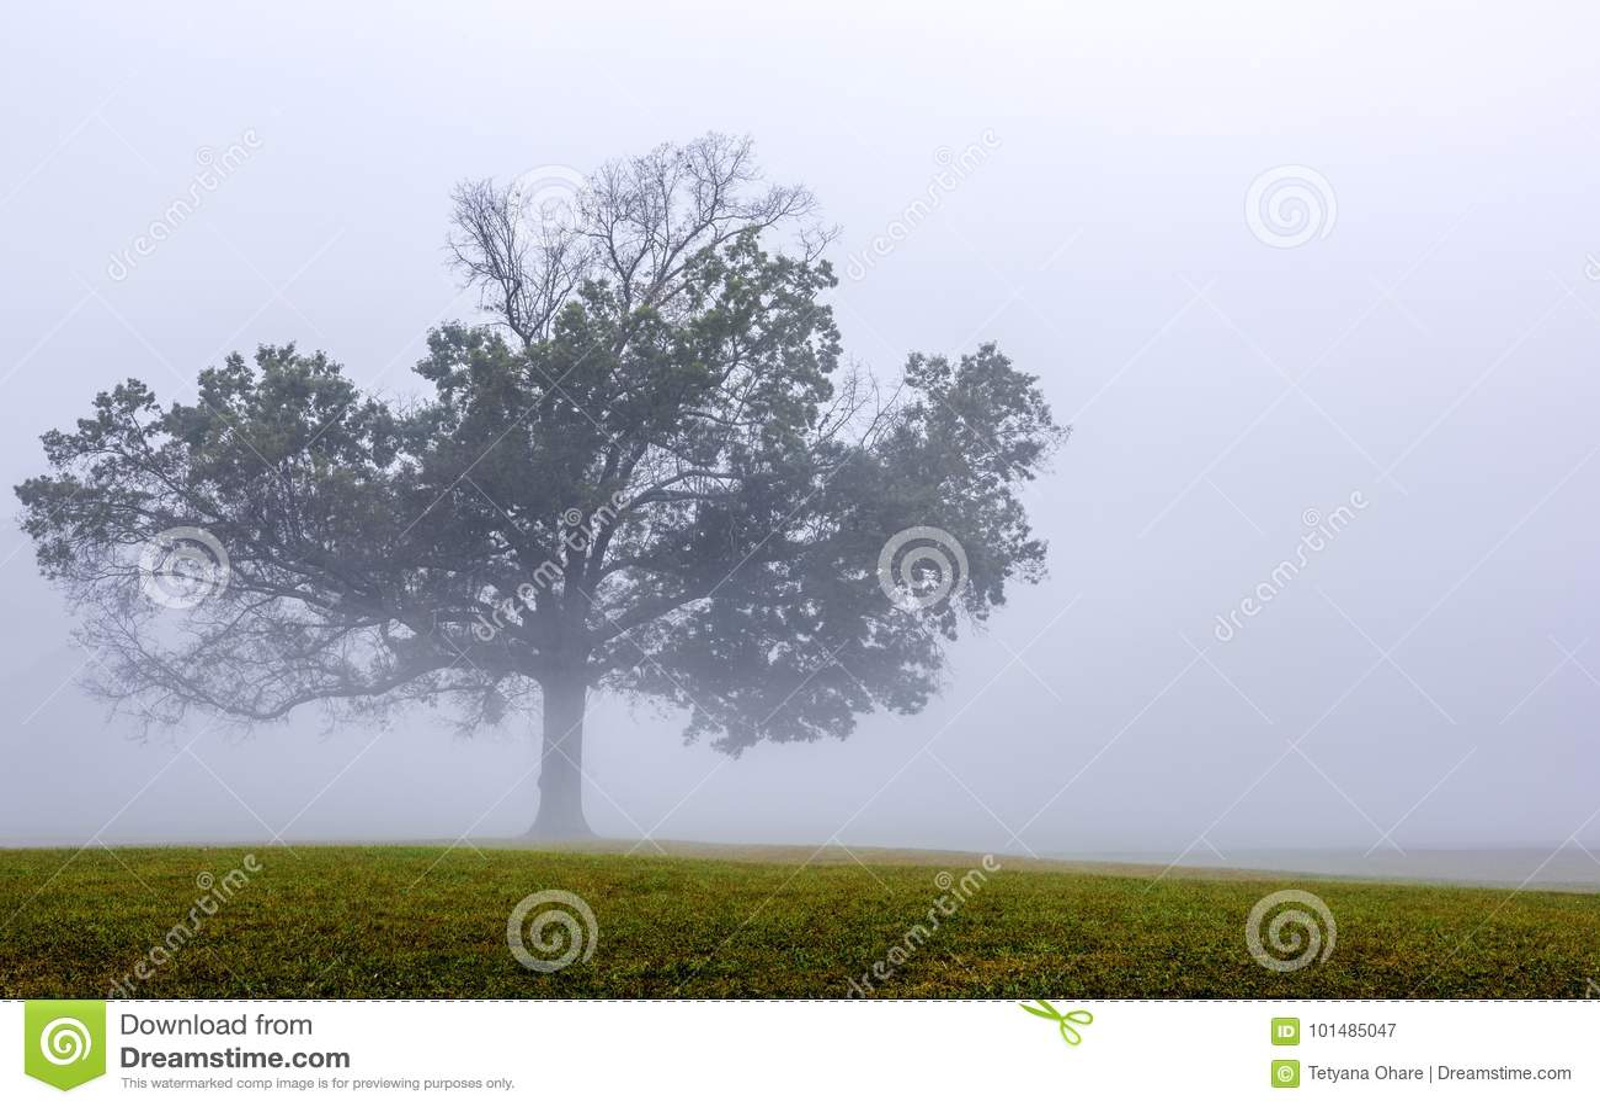 Gelbes Feld, einsamer Baum, bewölkter blauer Himmel